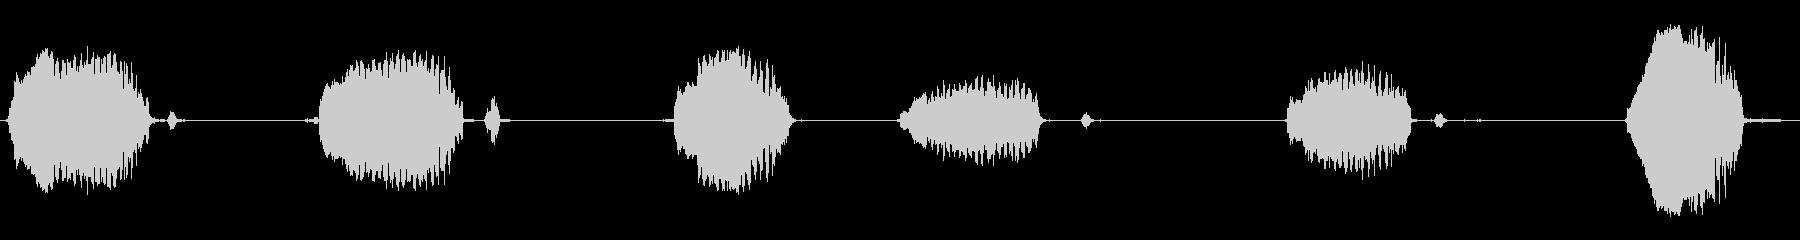 いくつかの孤立したウィニーの未再生の波形